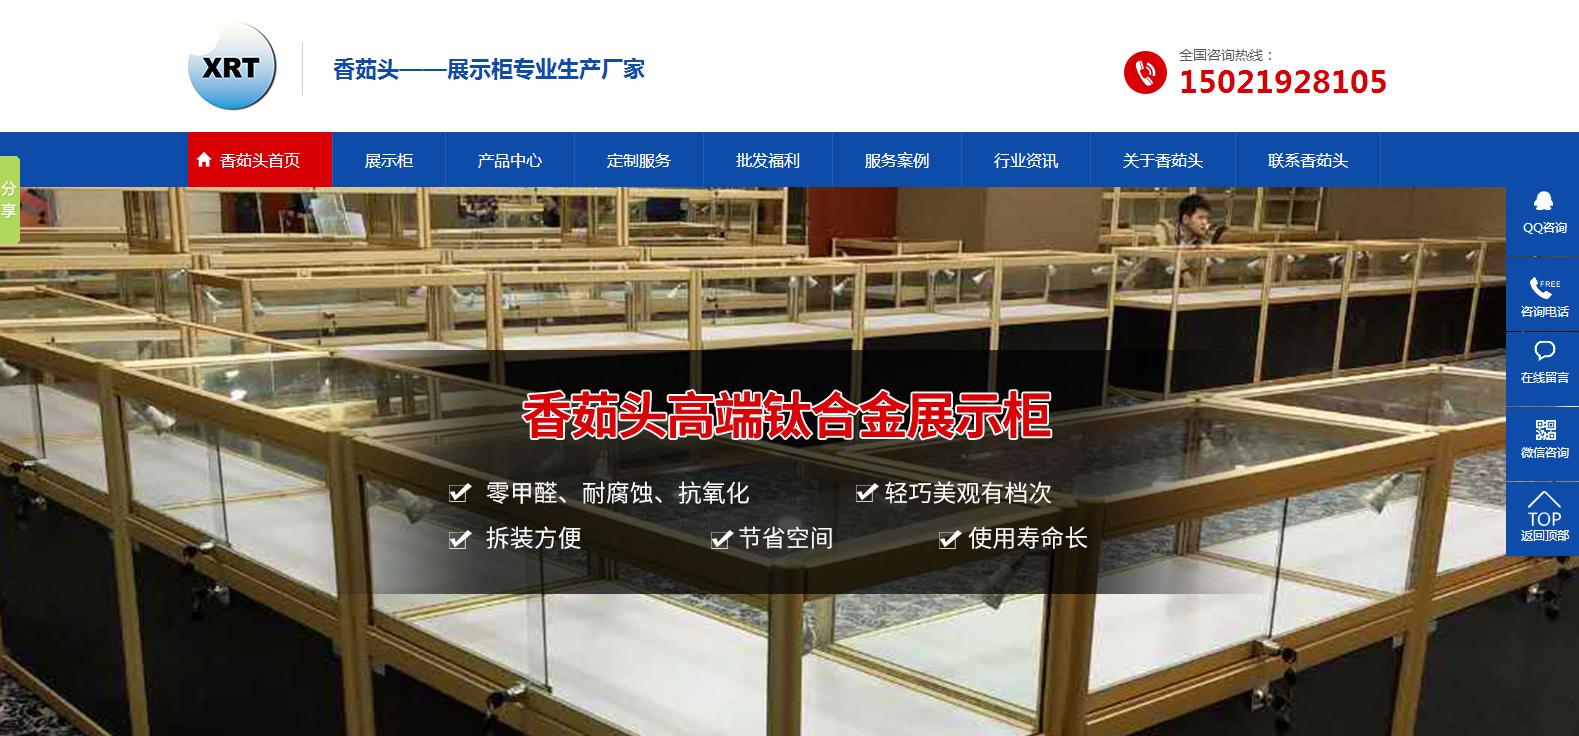 香茹头展示柜厂家营销型网站,追马网